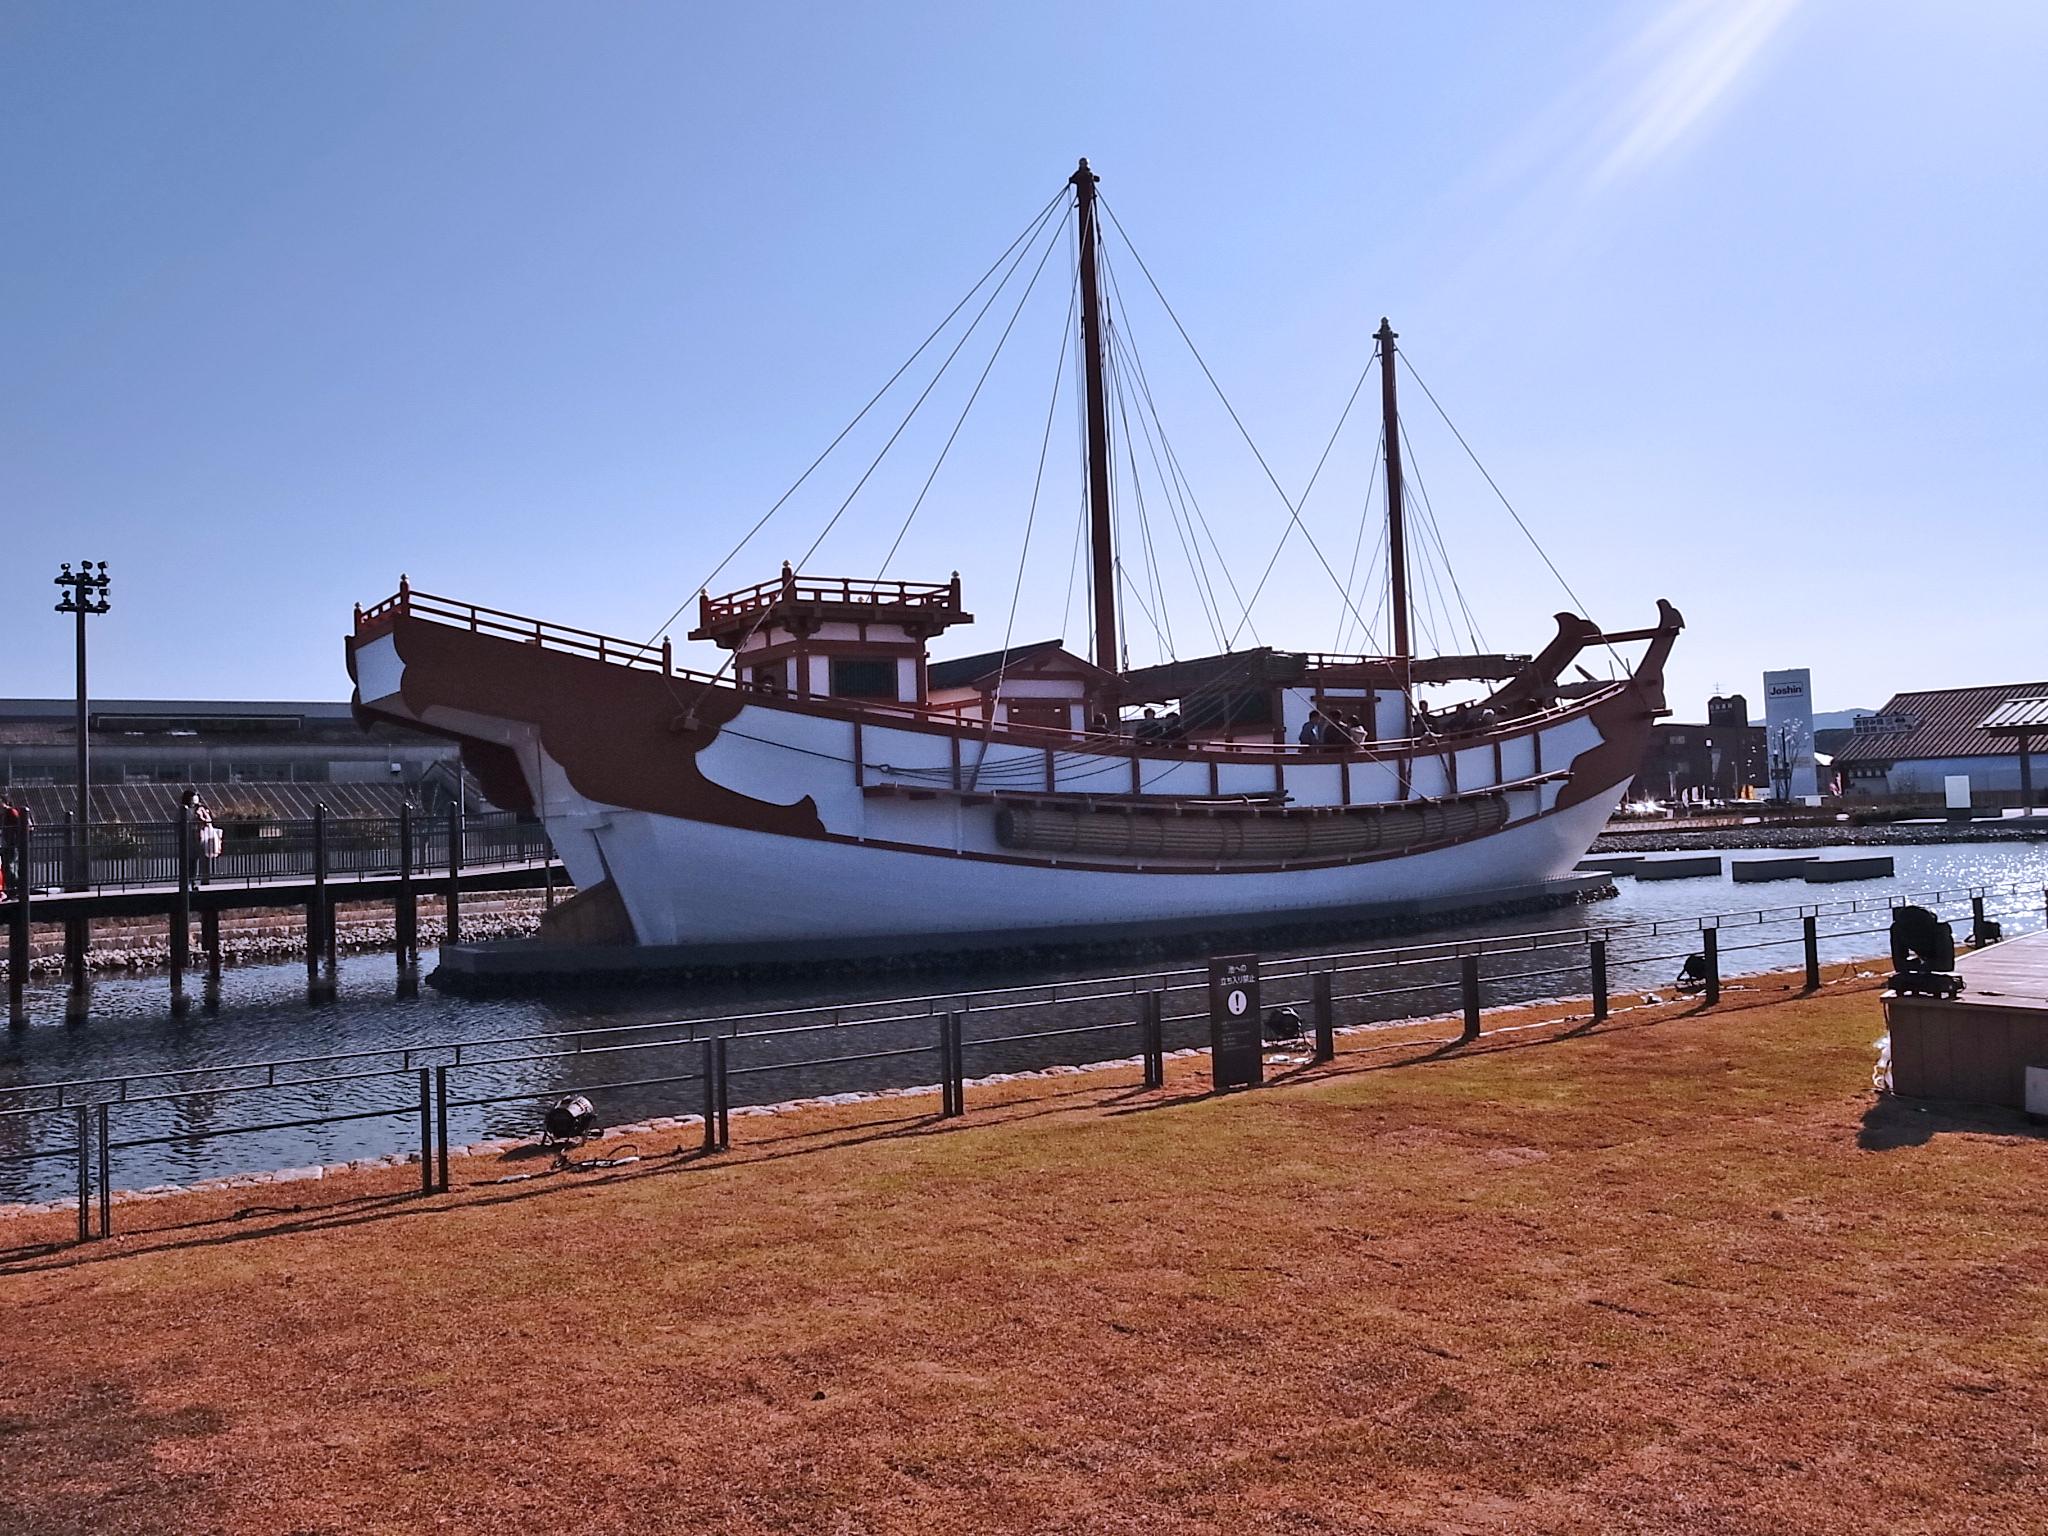 船長30mほどの遣唐使船。乗船できますよ!